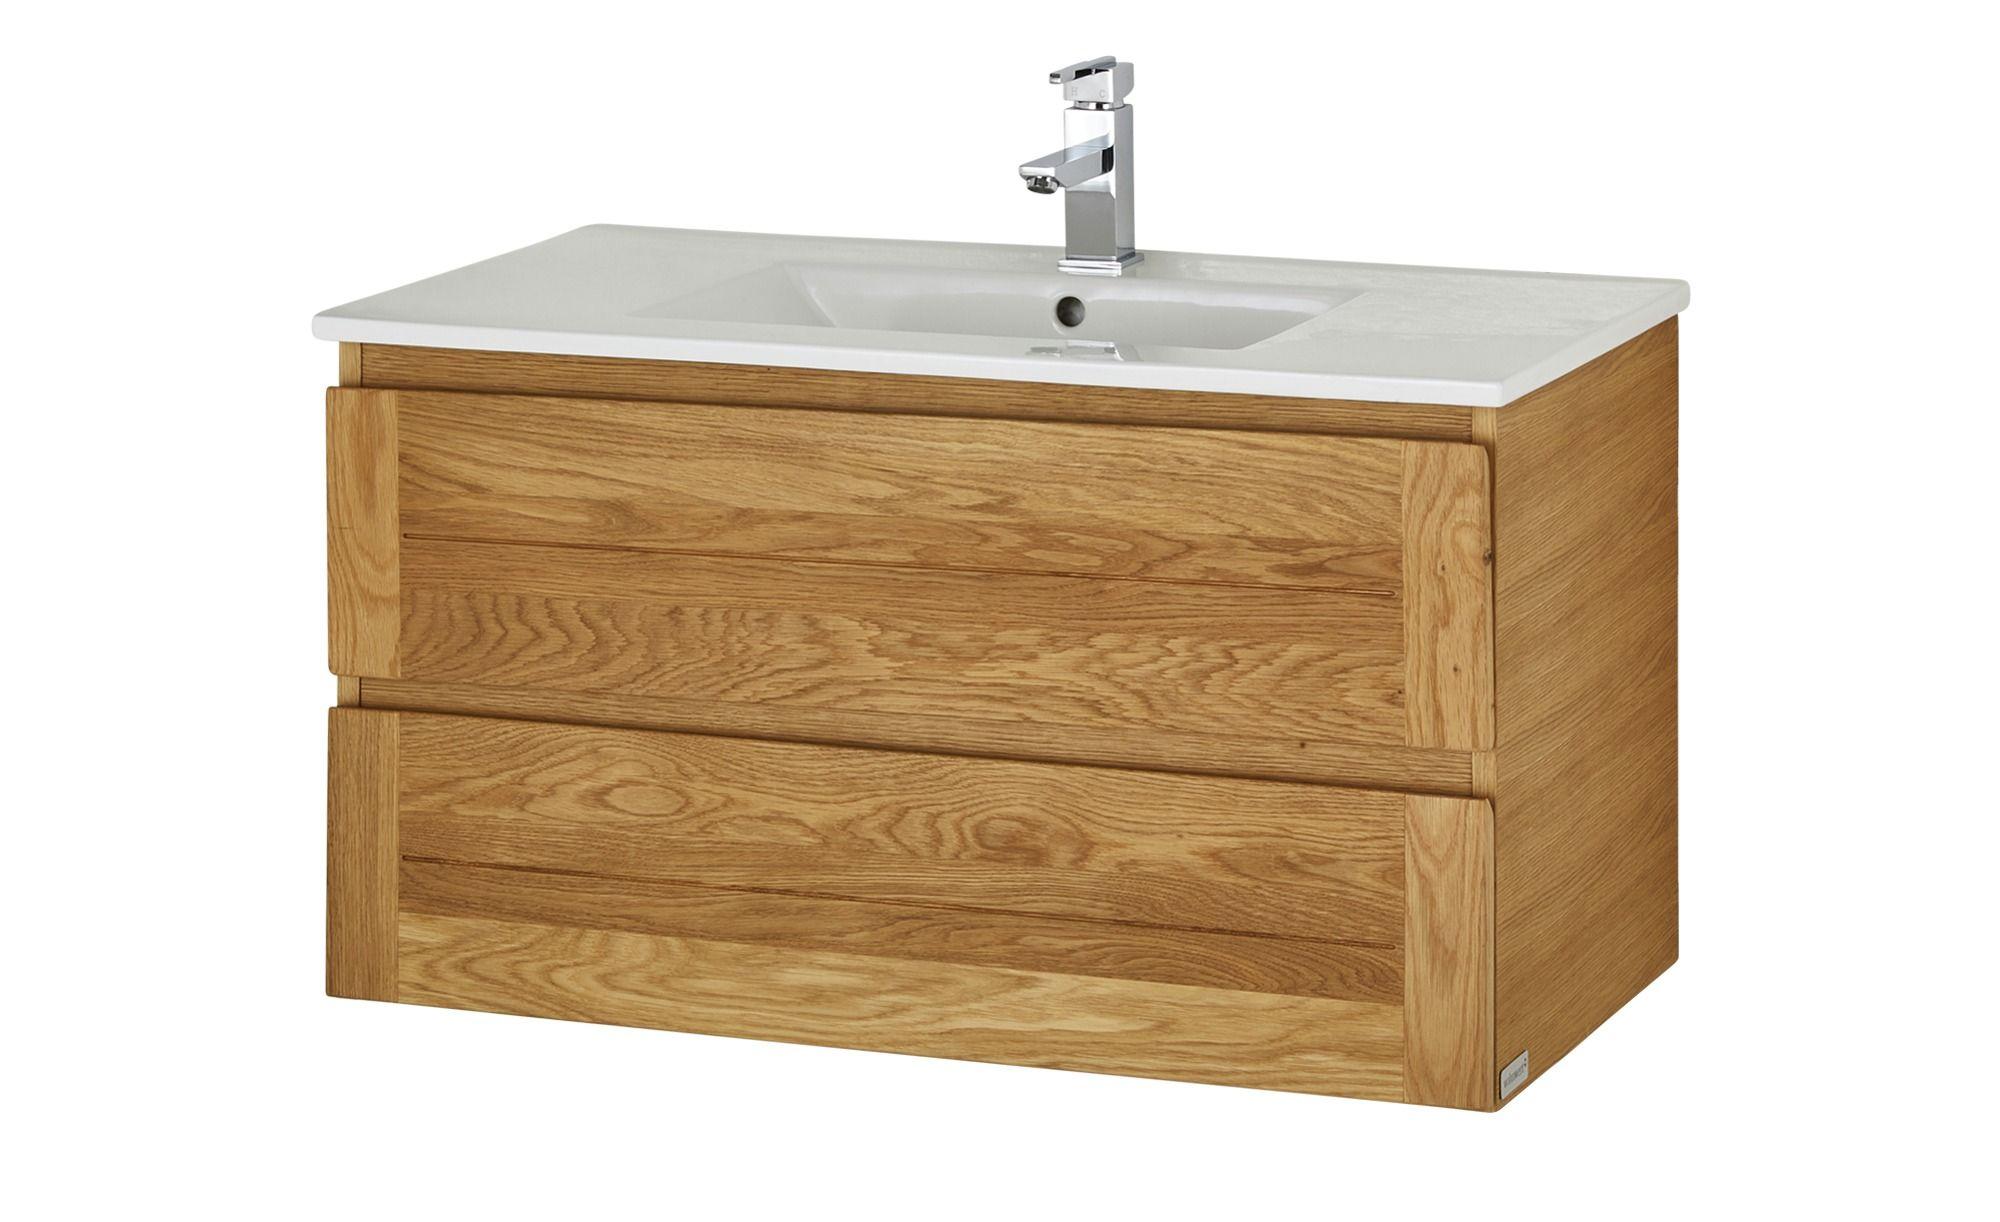 Wohnwert Waschtischunterschrank Capri Gefunden Bei Mobel Hoffner Waschtischunterschrank Schrank Und Unterschrank